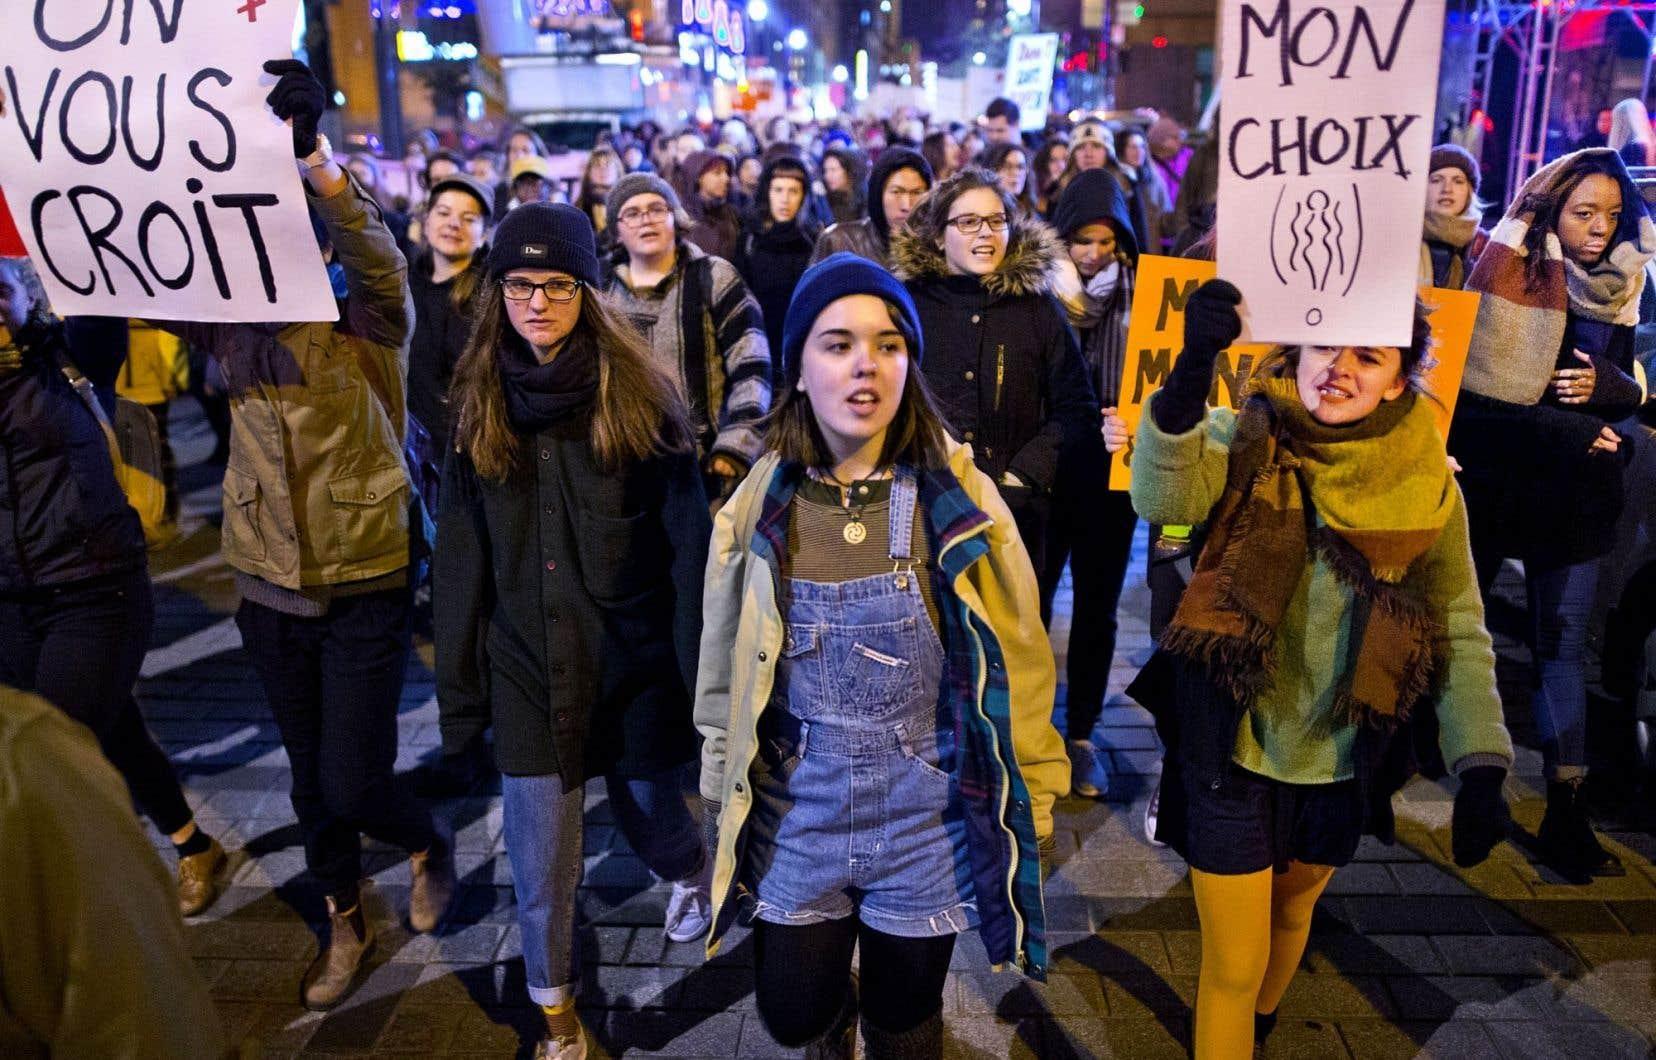 Manifestation contre la culture du viol à Montréal, le 26 octobre 2016